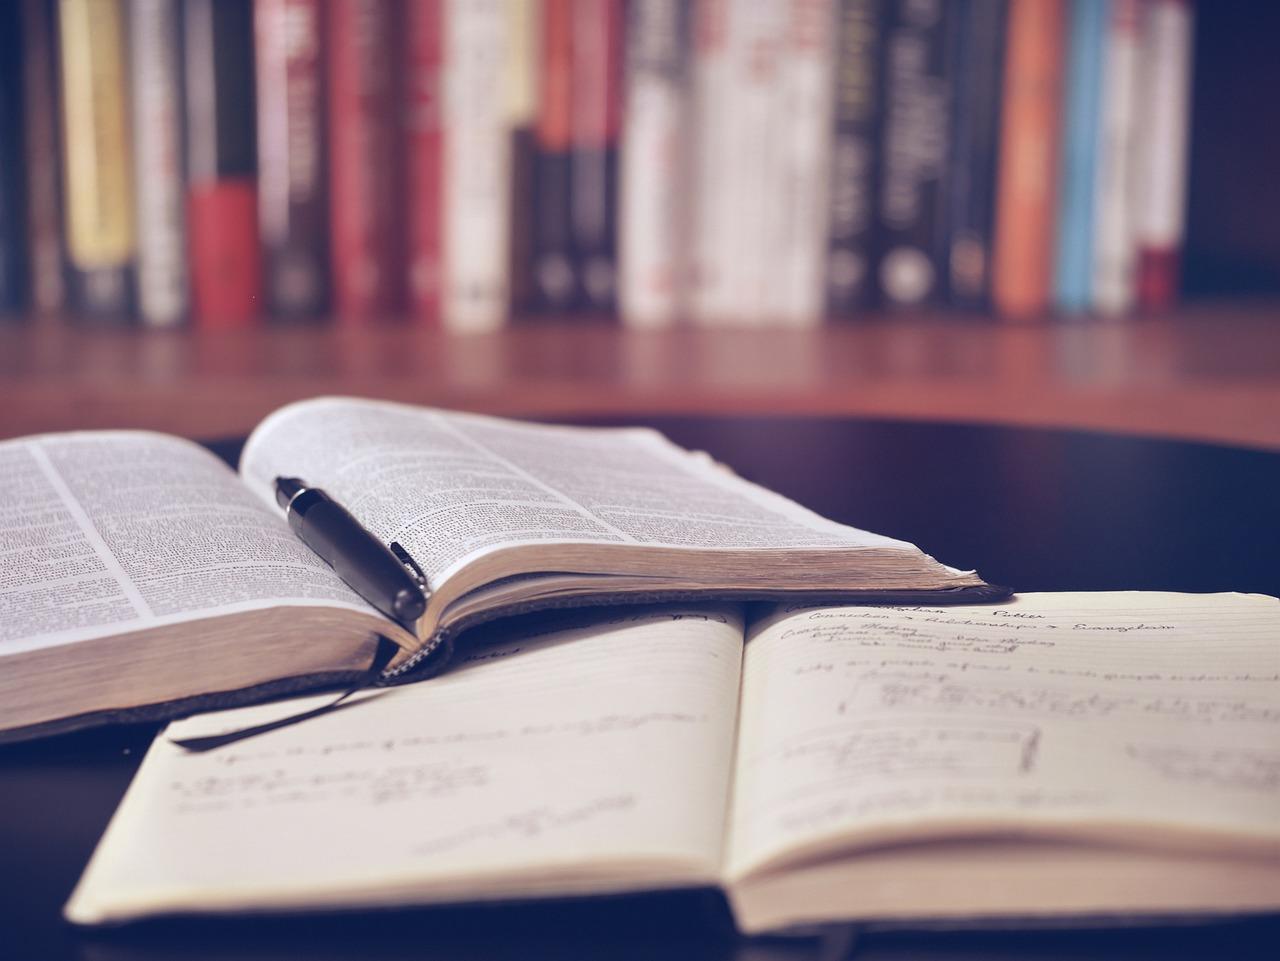 知識のアップデートは欠かせない。「いつの知識で仕事をしているか?」を確認してみることが大切。